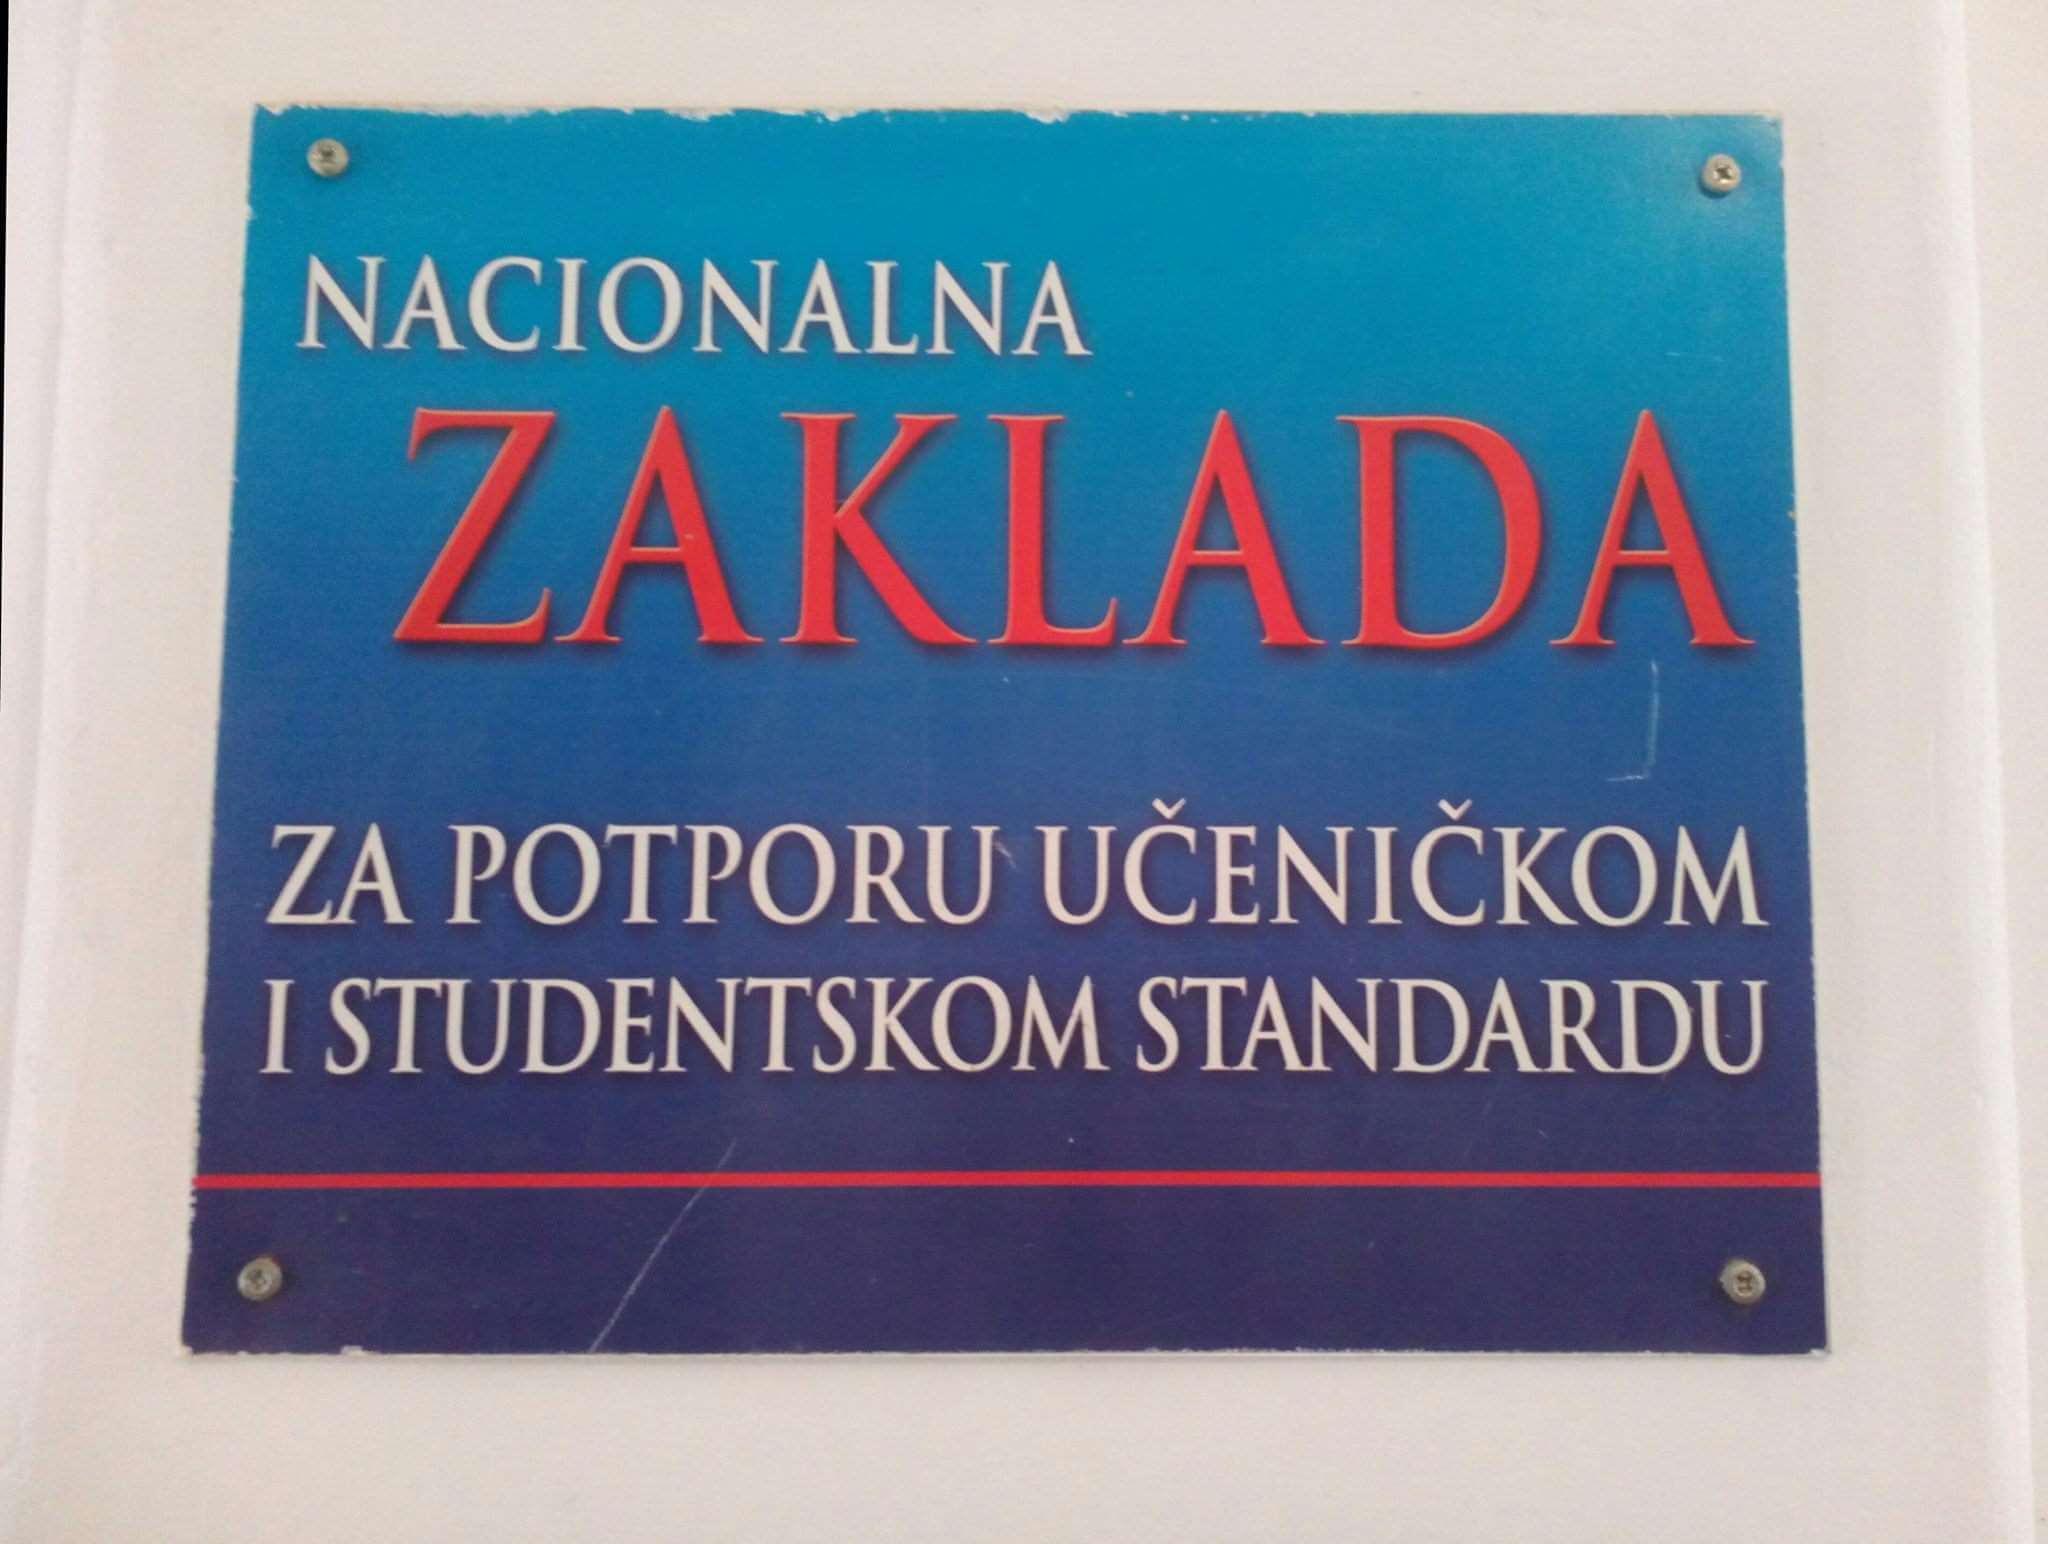 Raspisan dugo očekivani natječaj za stipendije kontroverzne Nacionalne zaklade